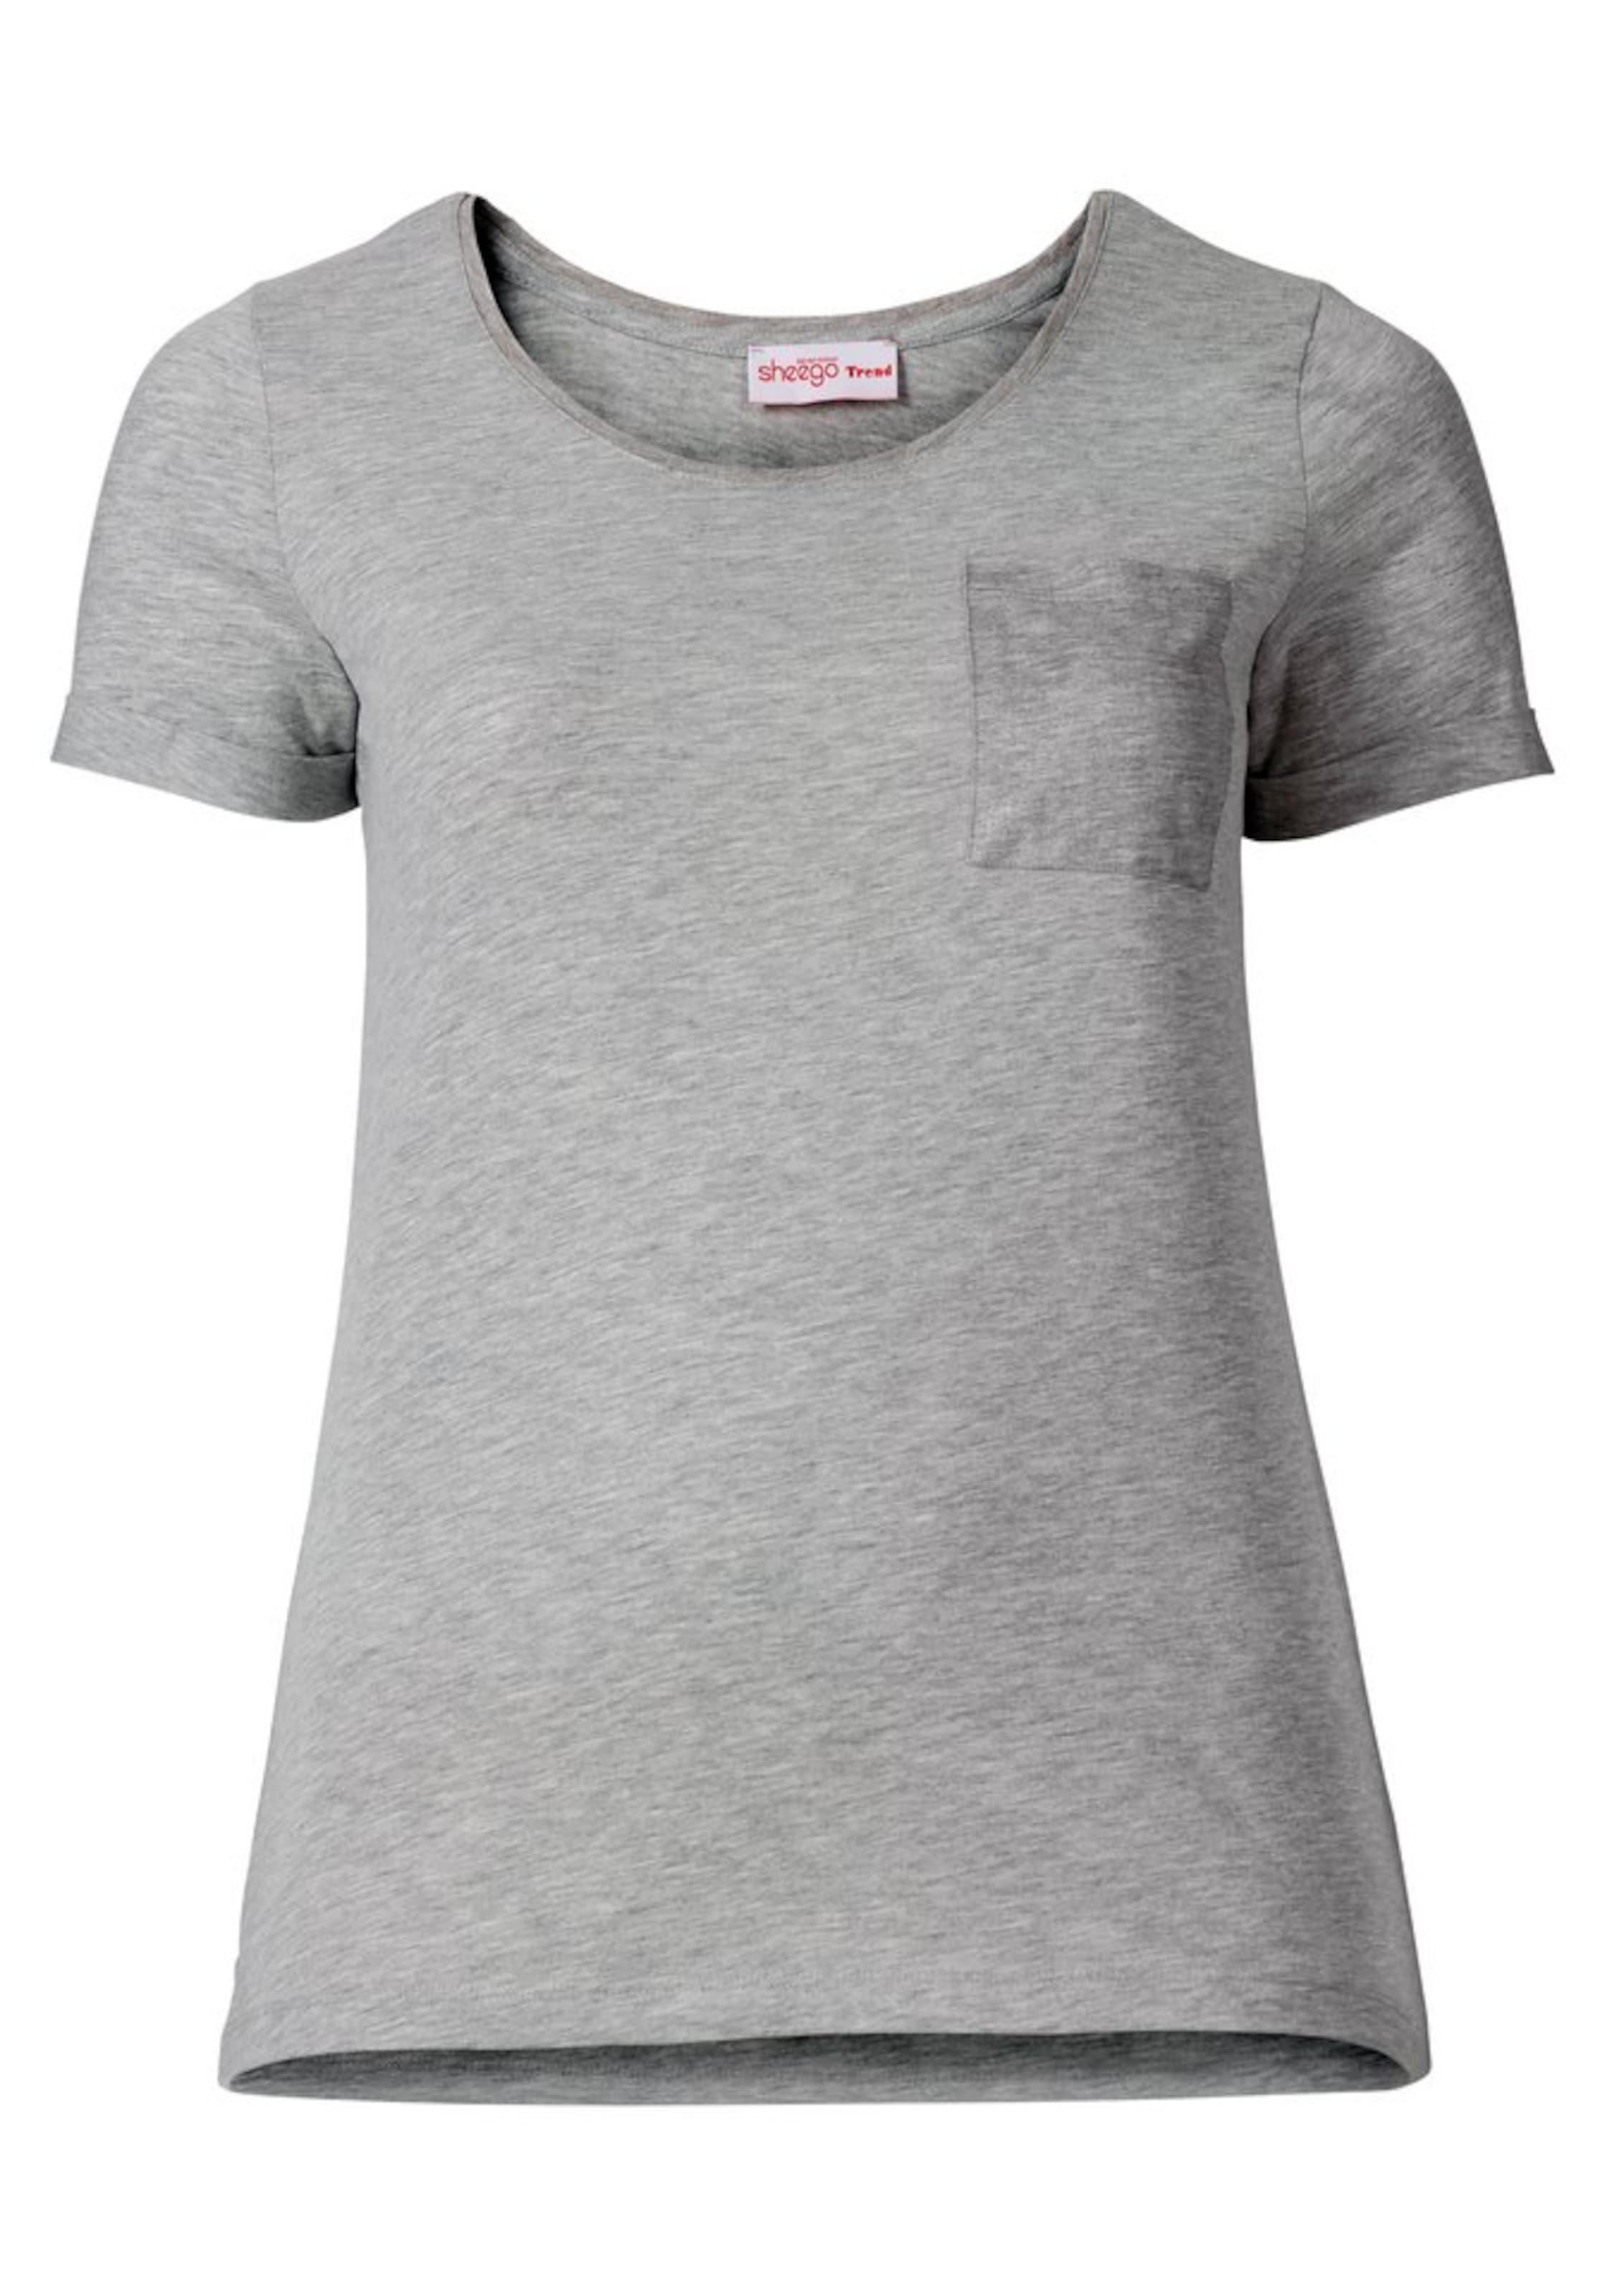 Sheegotit Graumeliert Sheegotit T T In shirt deCxBor